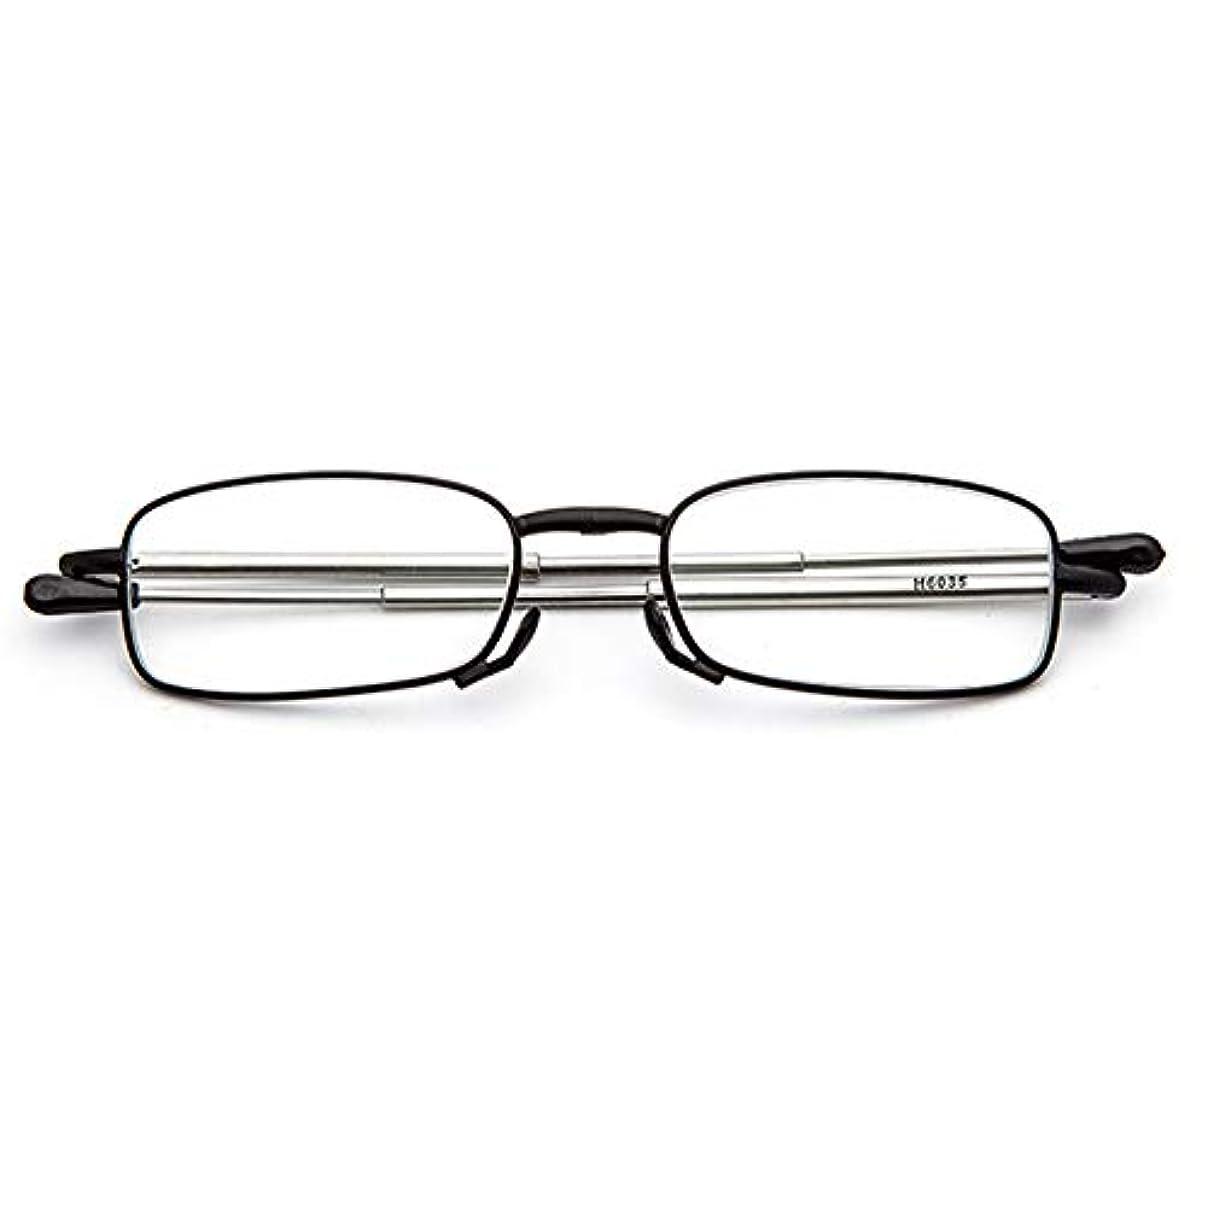 融合掘る公平な老眼鏡、ミニデザイン、男性用と女性用の折りたたみ老眼鏡、伸縮式の脚、疲労を軽減する携帯用メガネ、黒、赤